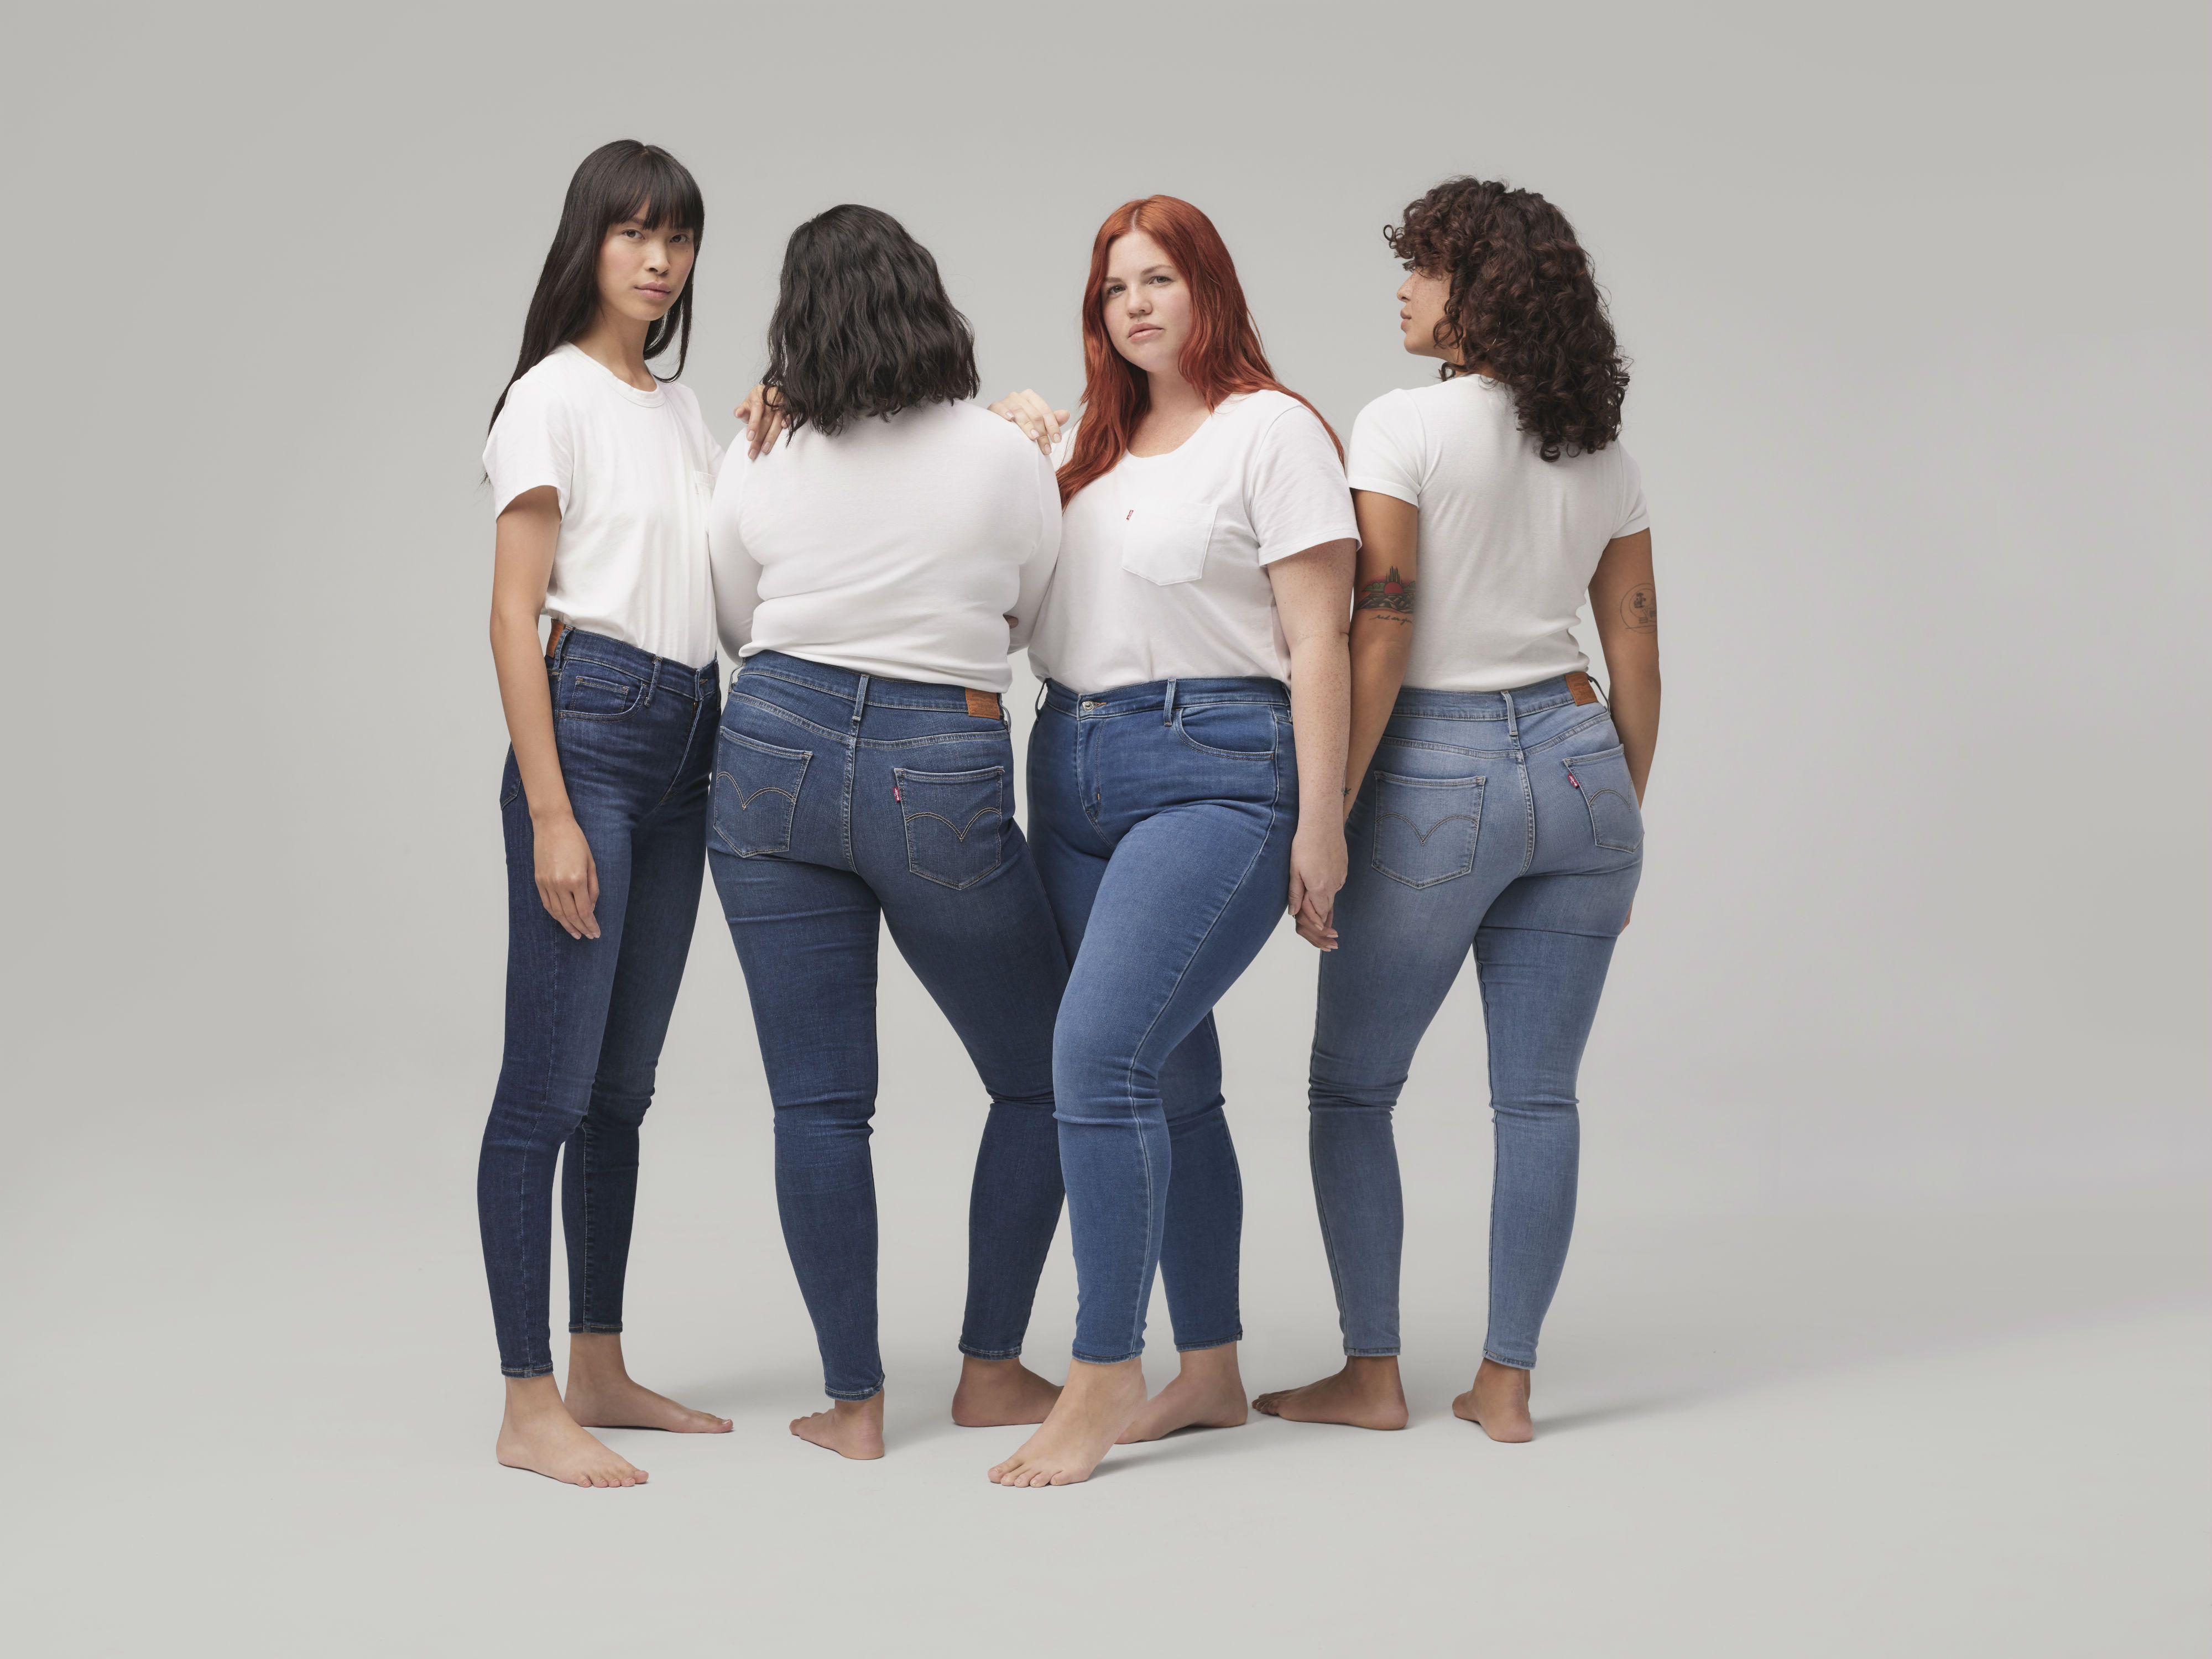 Estos Pantalones Vaqueros De Levi S Favorecen Tus Curvas